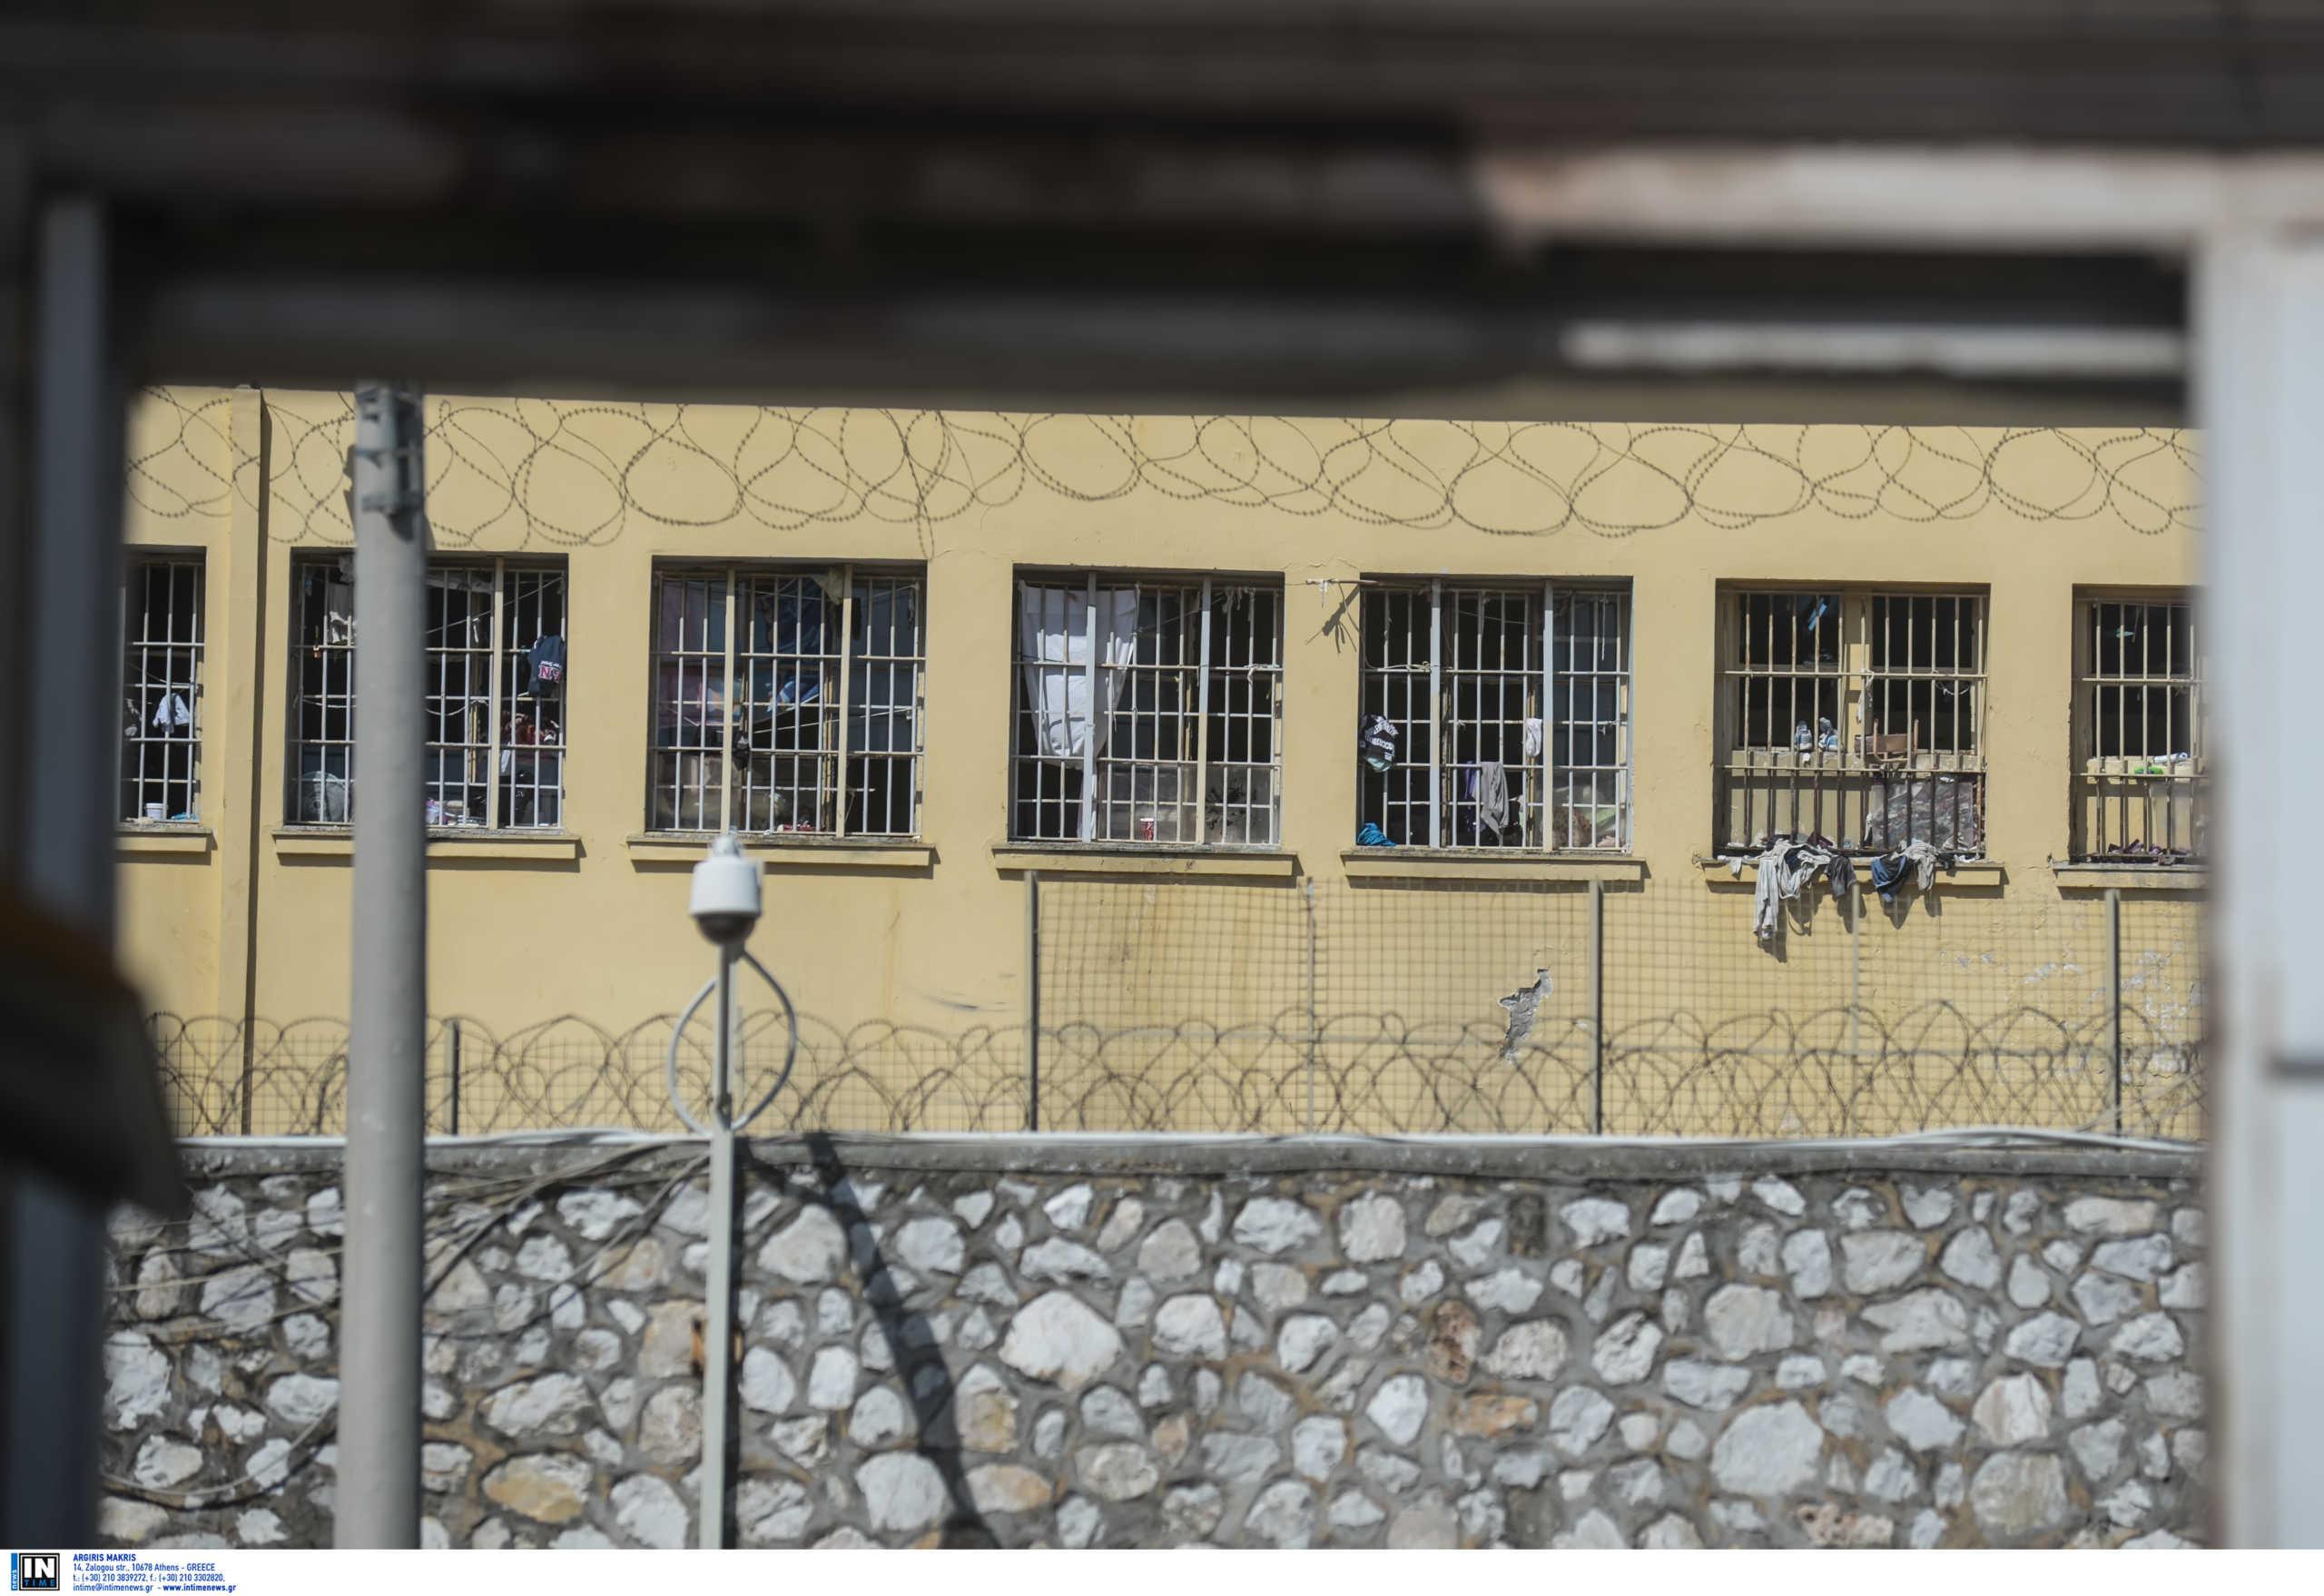 Κρήτη: Του έδωσαν την πολυπόθητη δεύτερη ευκαιρία! Θέμα συζήτησης η αποφυλάκιση του 20χρονου